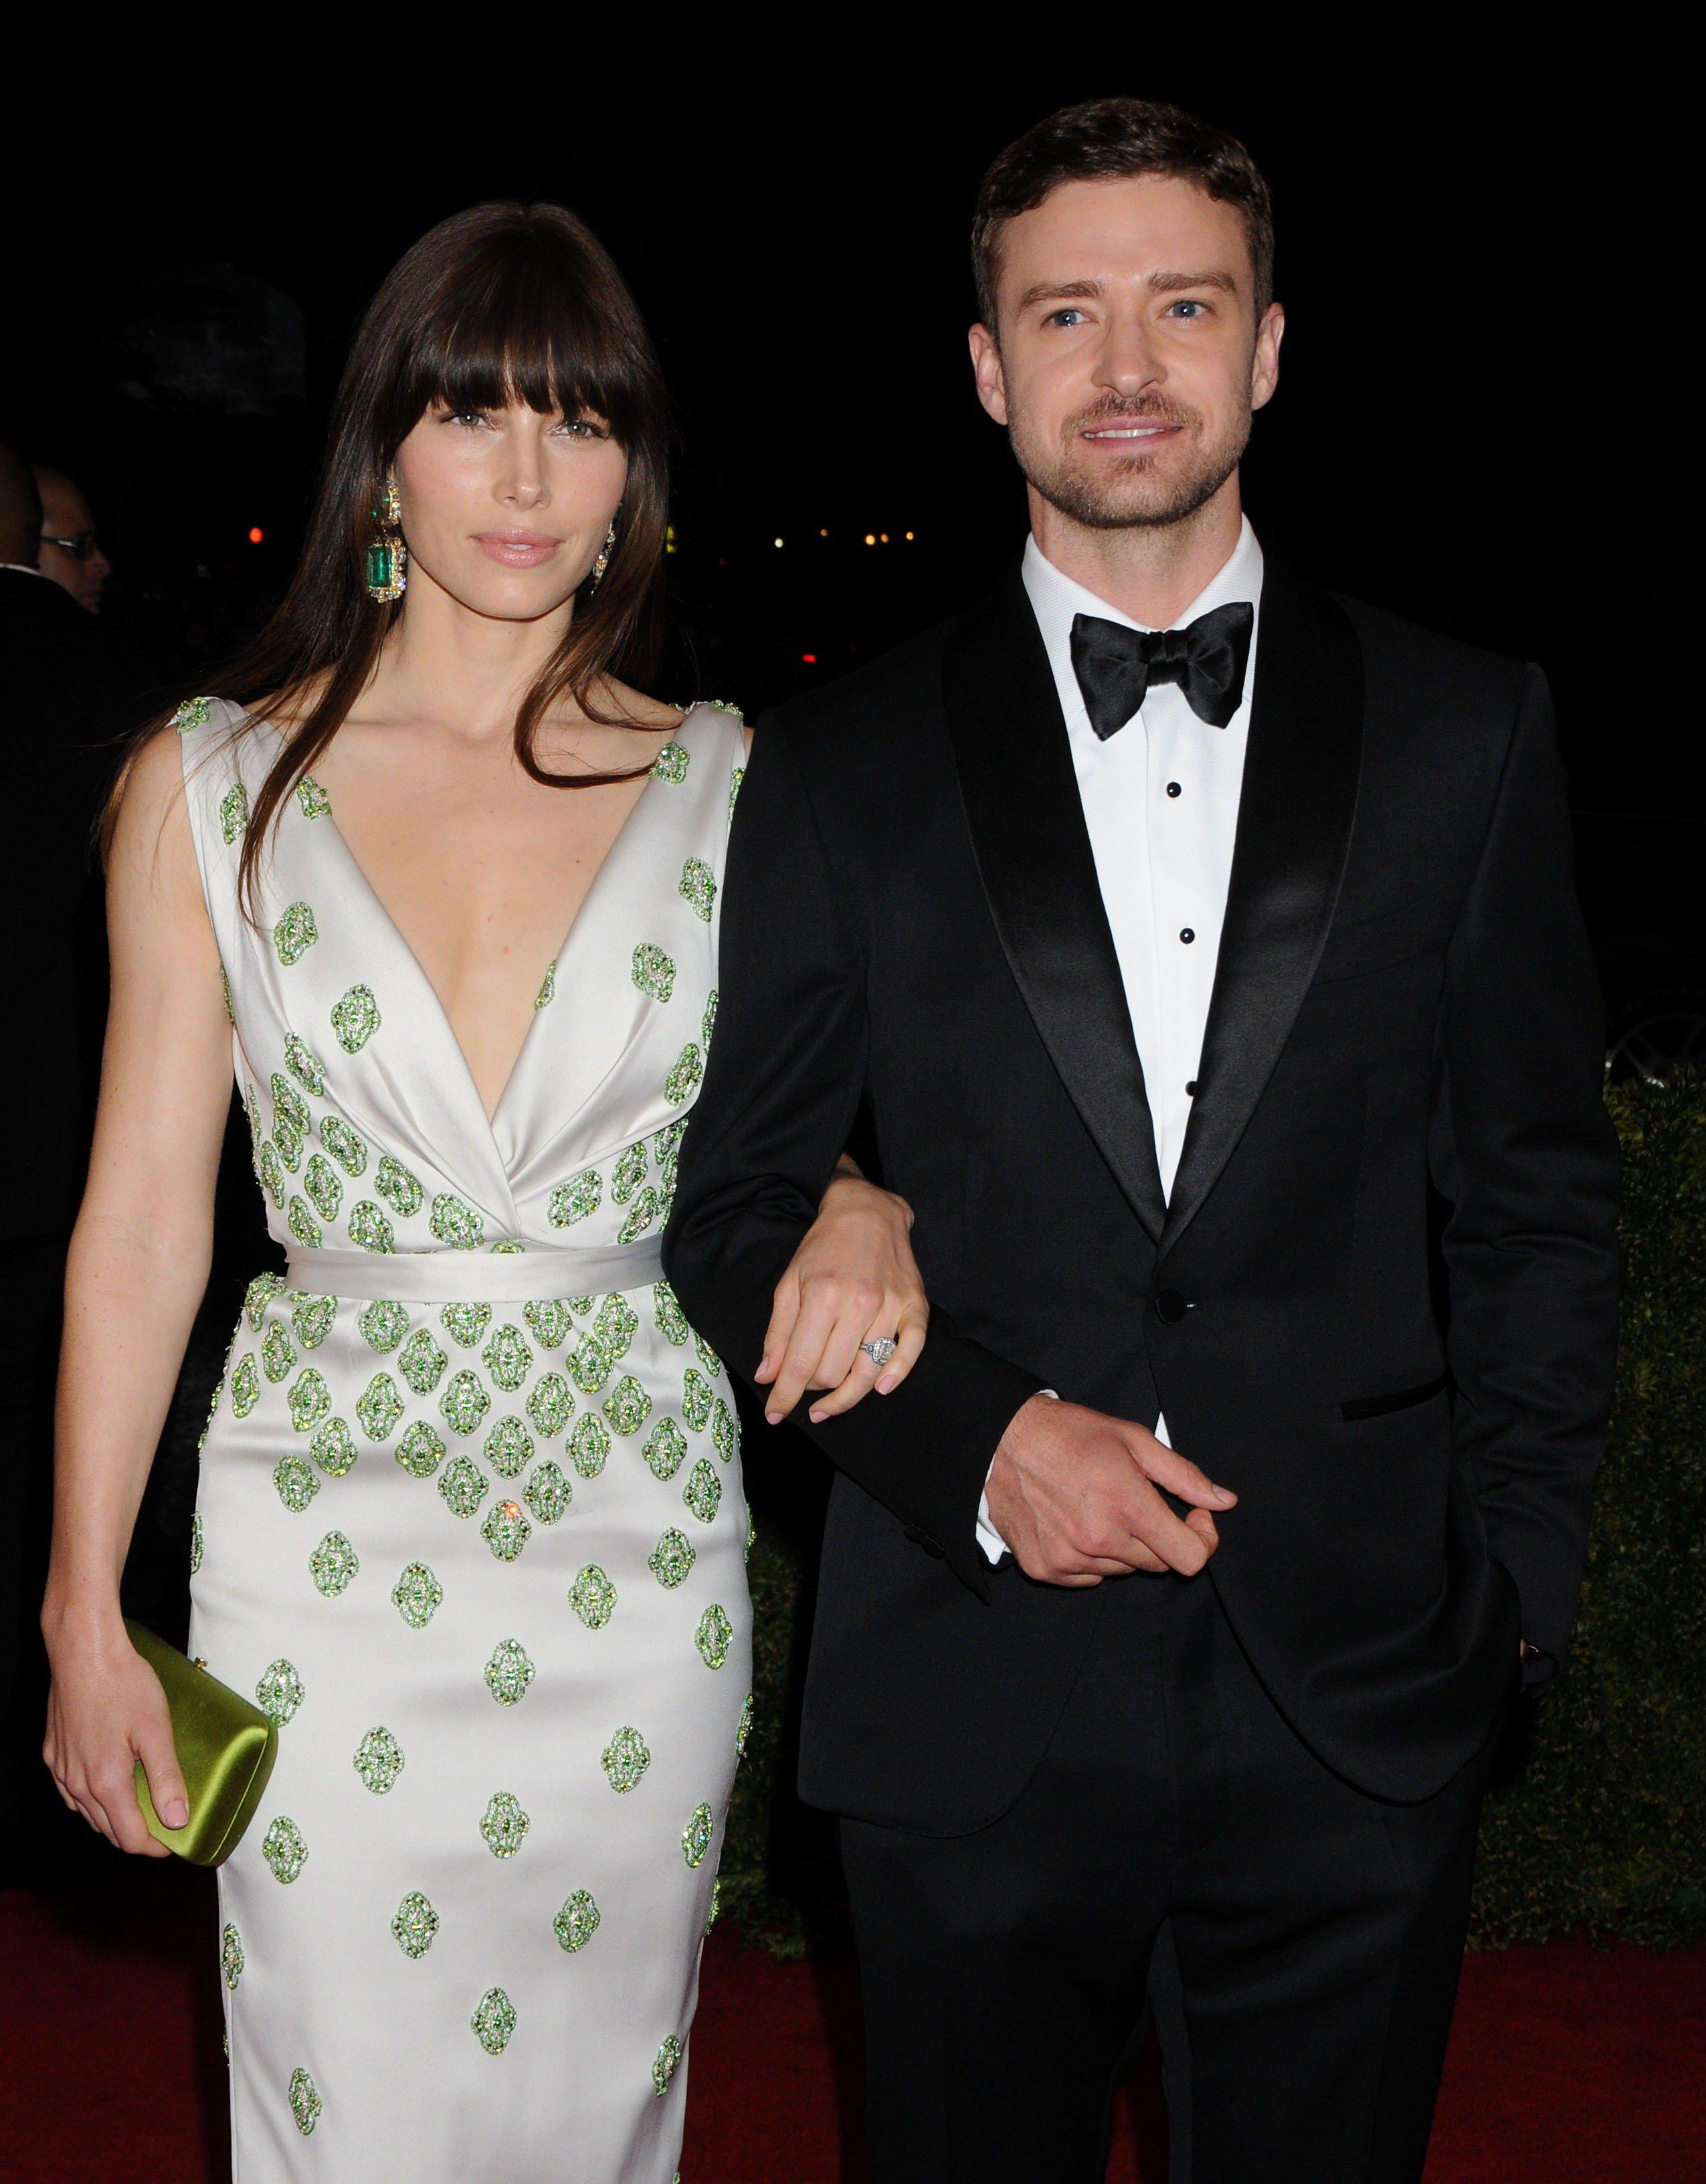 Şoc în showbiz-ul american! Unul dintre cele mai frumoase cupluri se pregăteşte de divorţ! S-au căsătorit în urmă cu puţin timp..